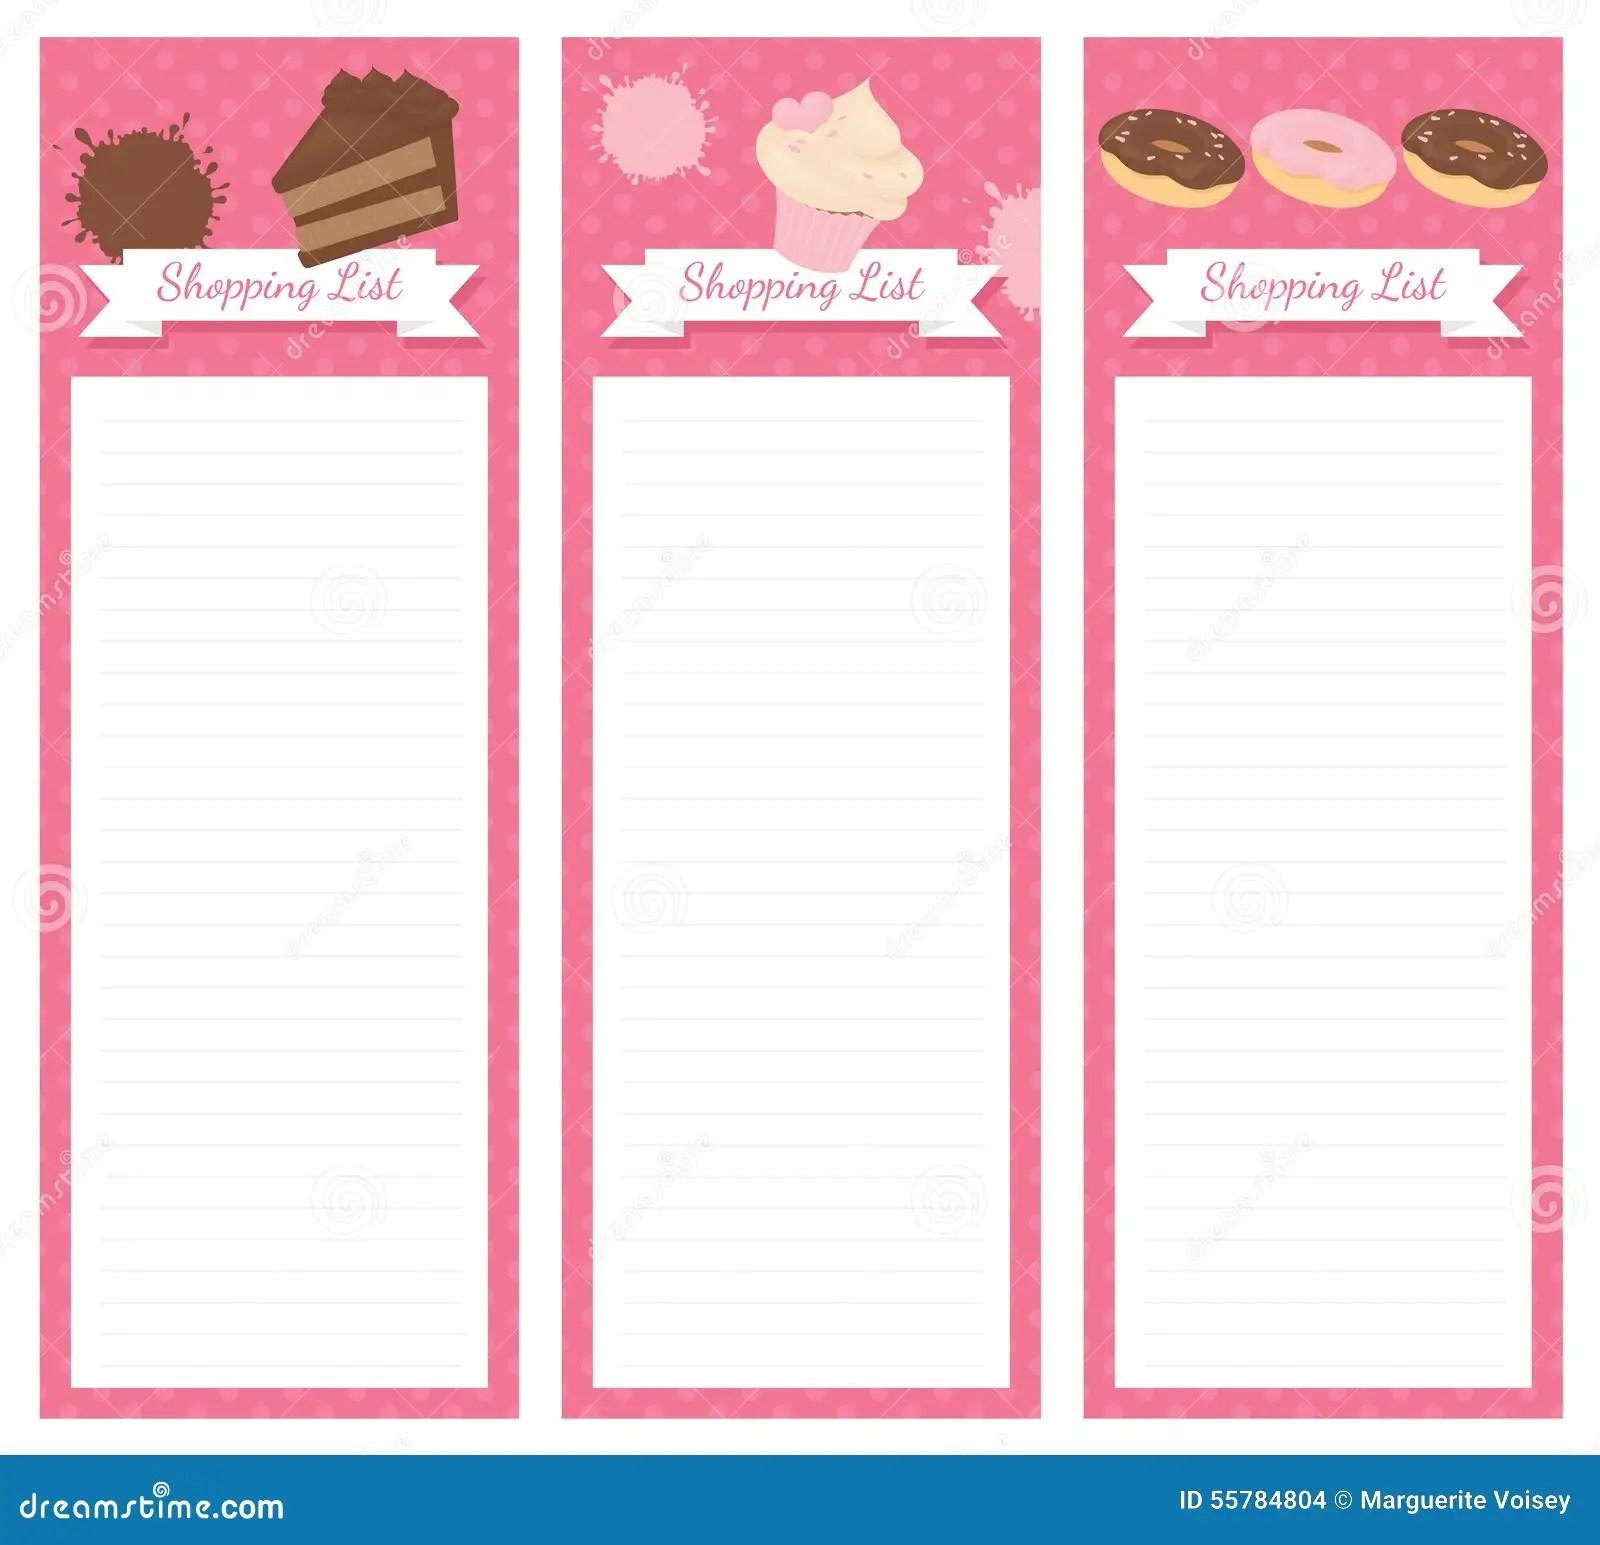 Shopping List Design Cake Stock Illustration